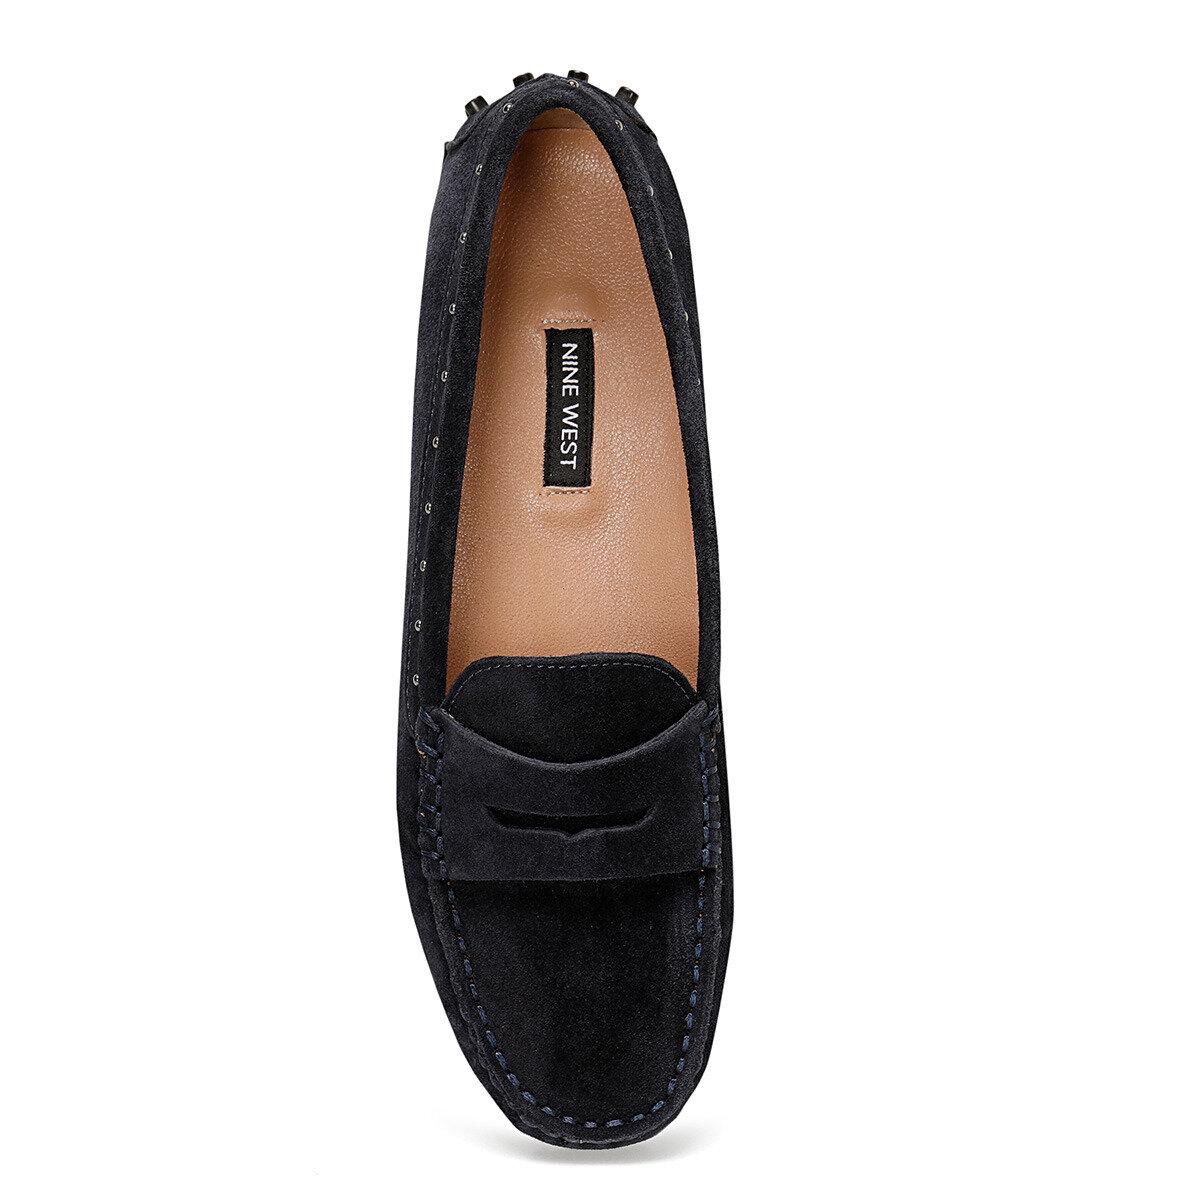 HOLTON Lacivert Kadın Loafer Ayakkabı